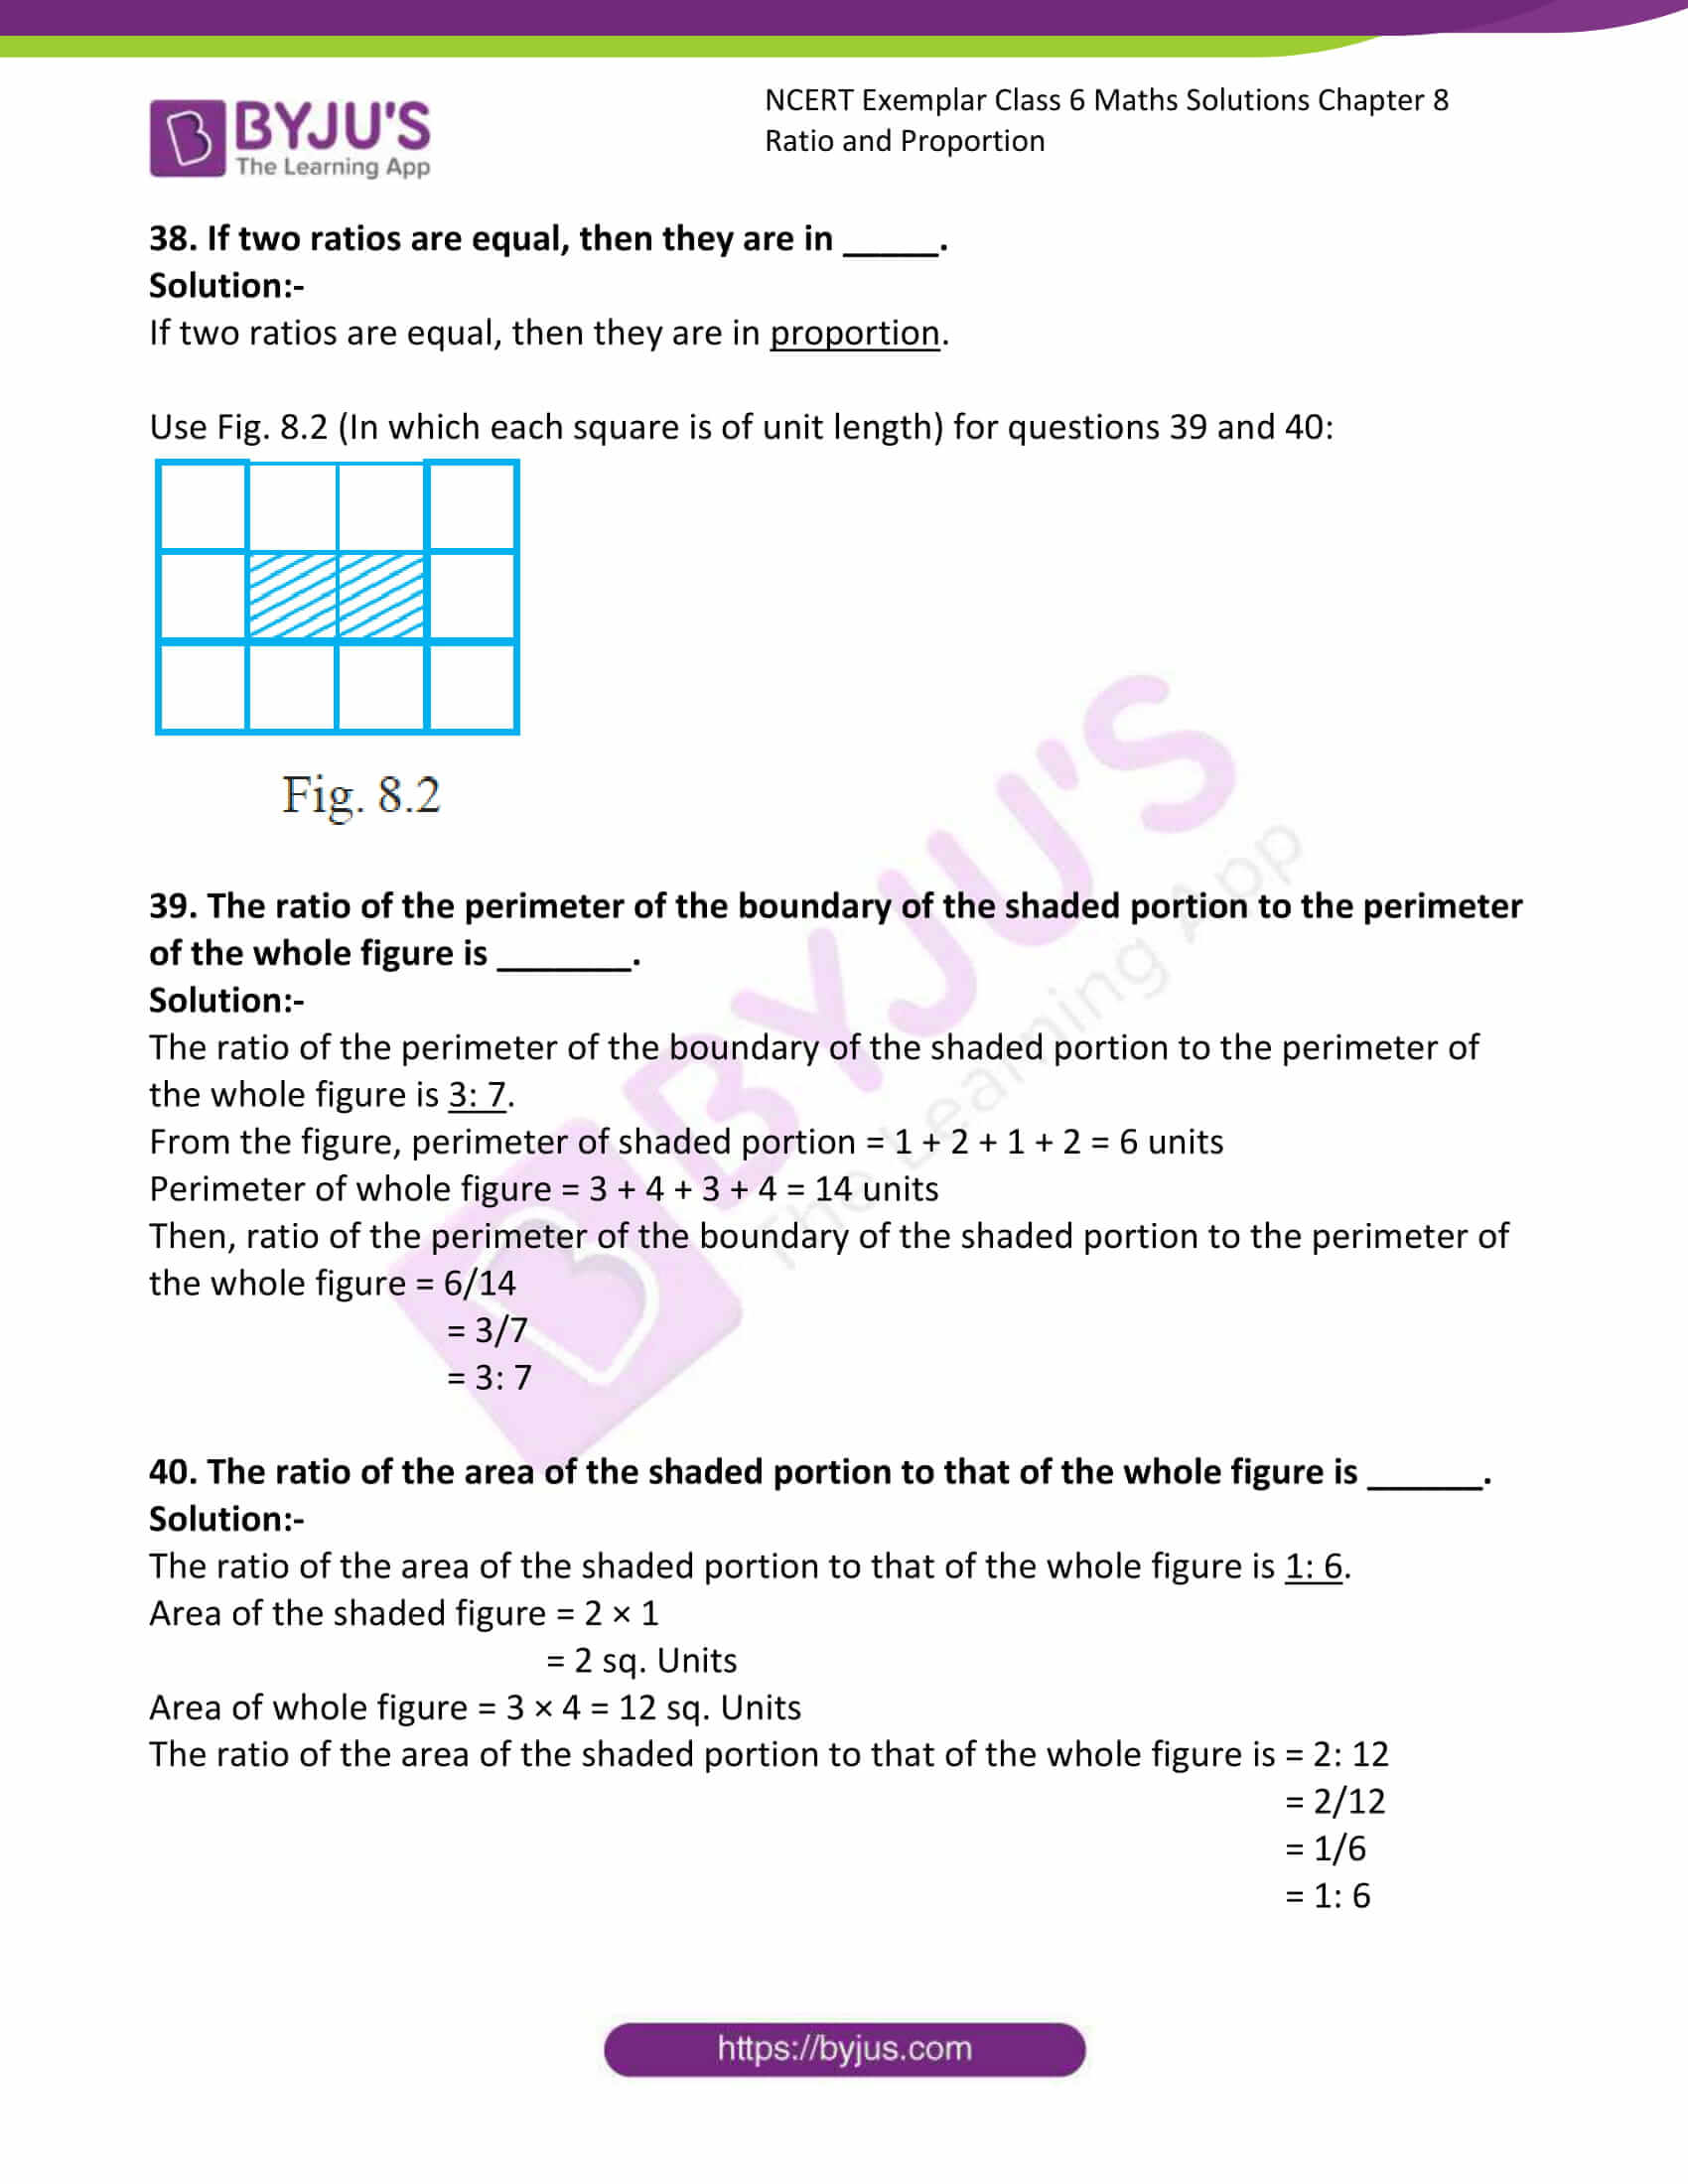 ncert exemplar class 6 maths sol ch 8 13